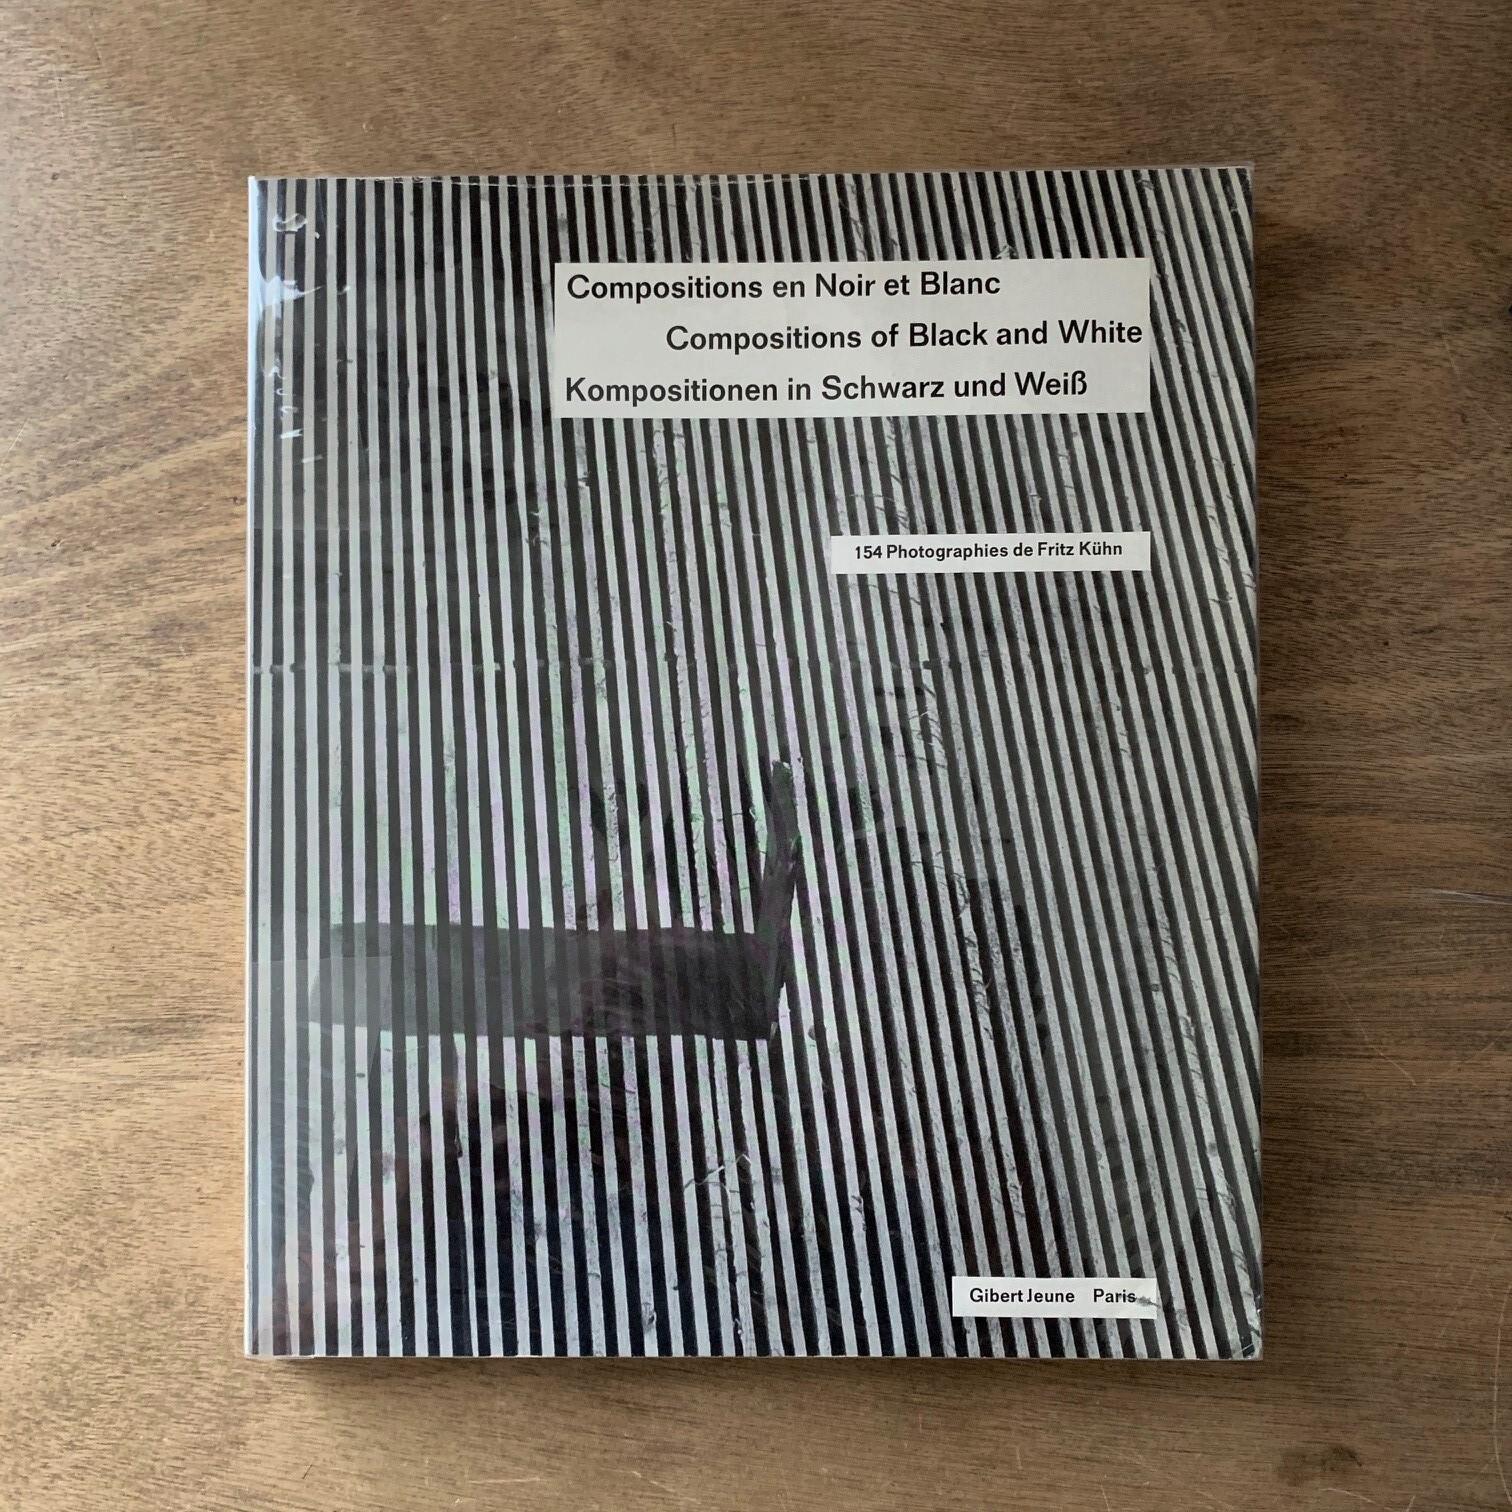 Compositions en Noir et lanc / Fritz Kuhn フリッツ・カーン